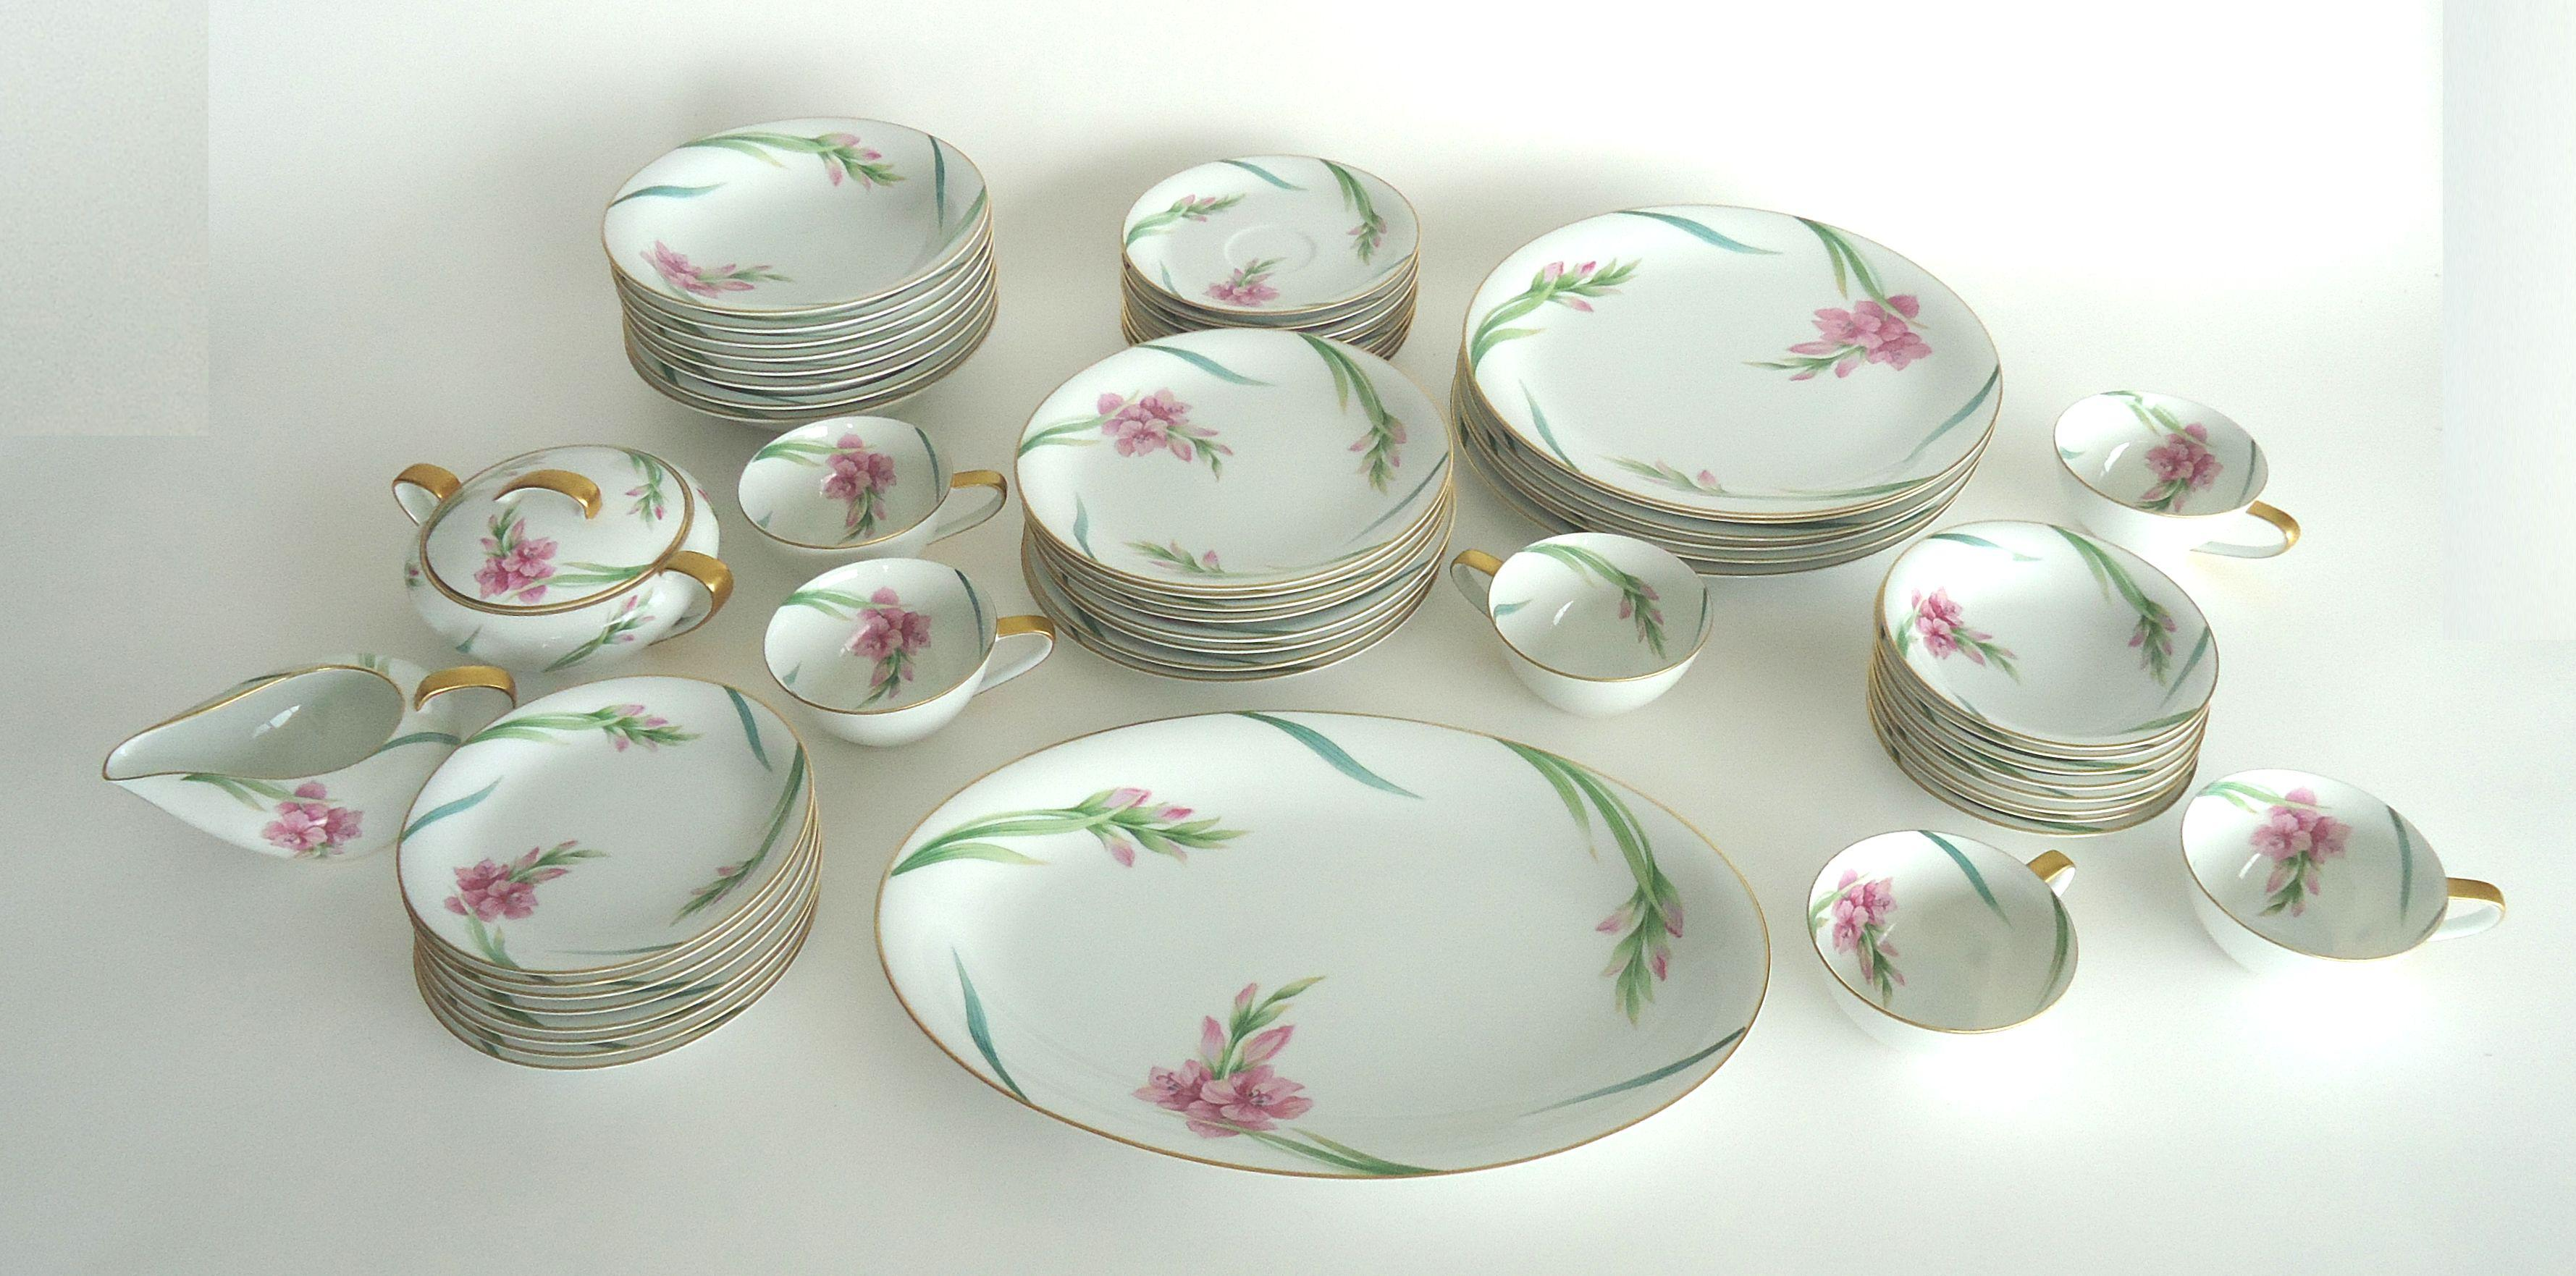 Noritake Gladiola Flowers Dinnerware - Set of 55 - Image 2 of 6  sc 1 st  Chairish & Noritake Gladiola Flowers Dinnerware - Set of 55 | Chairish